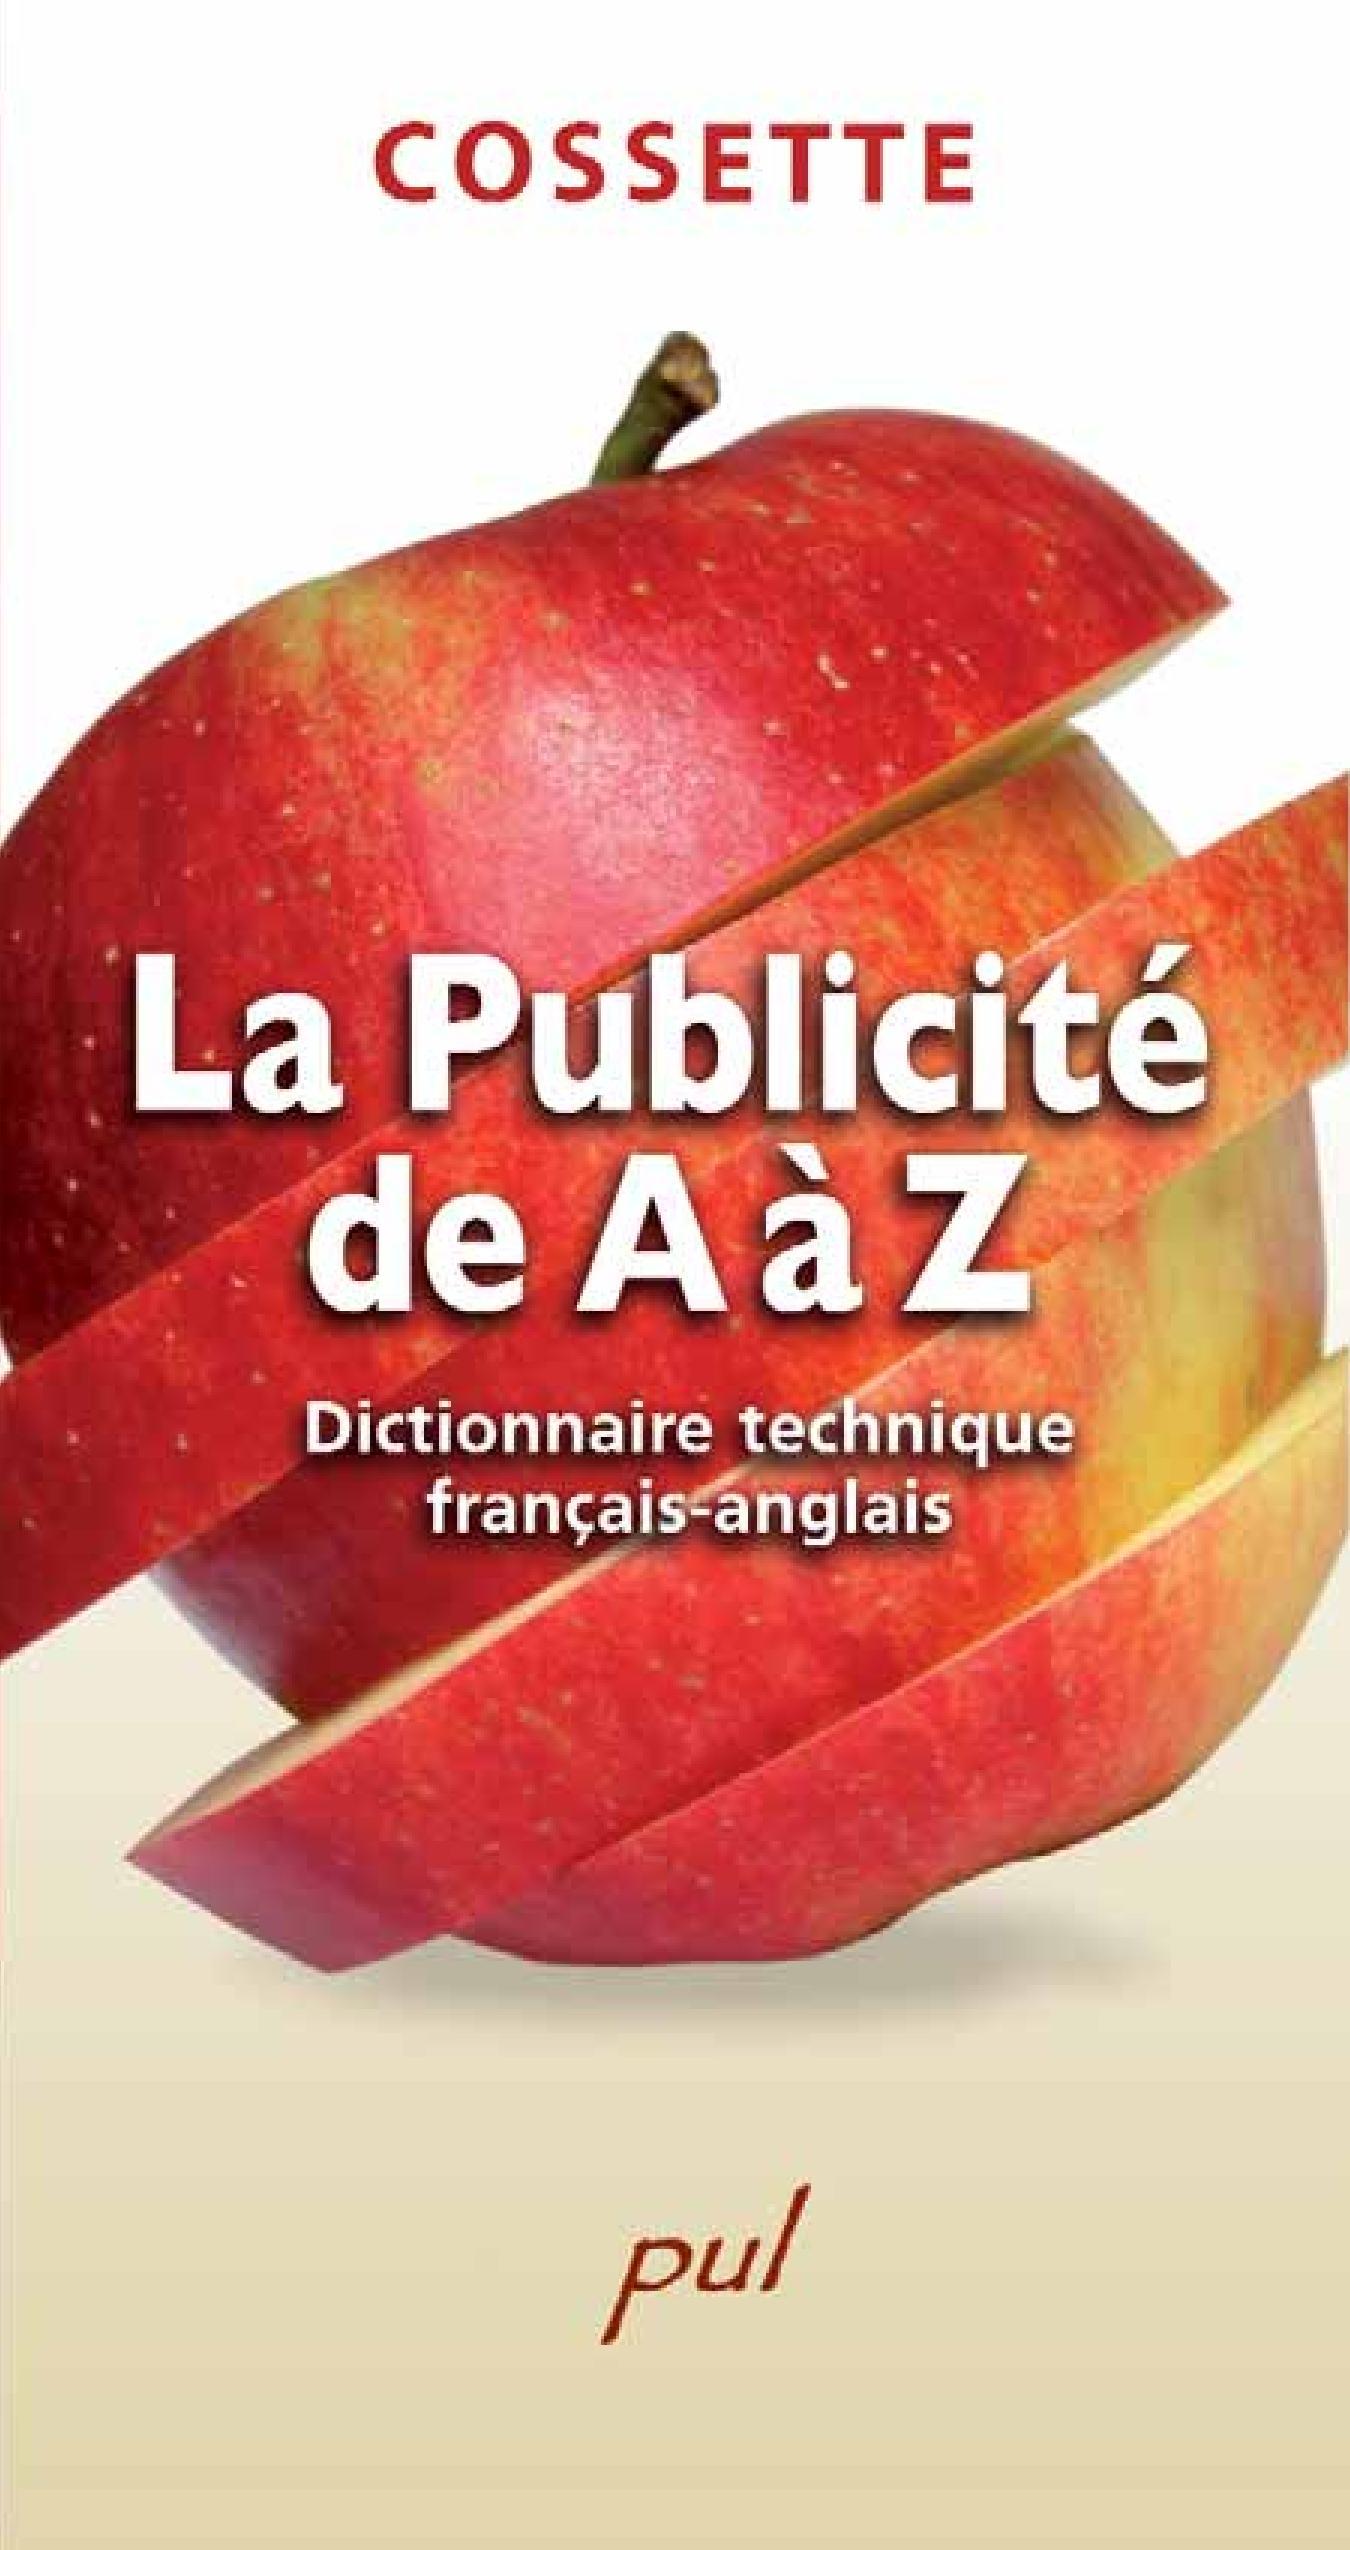 La Publicité de A à Z